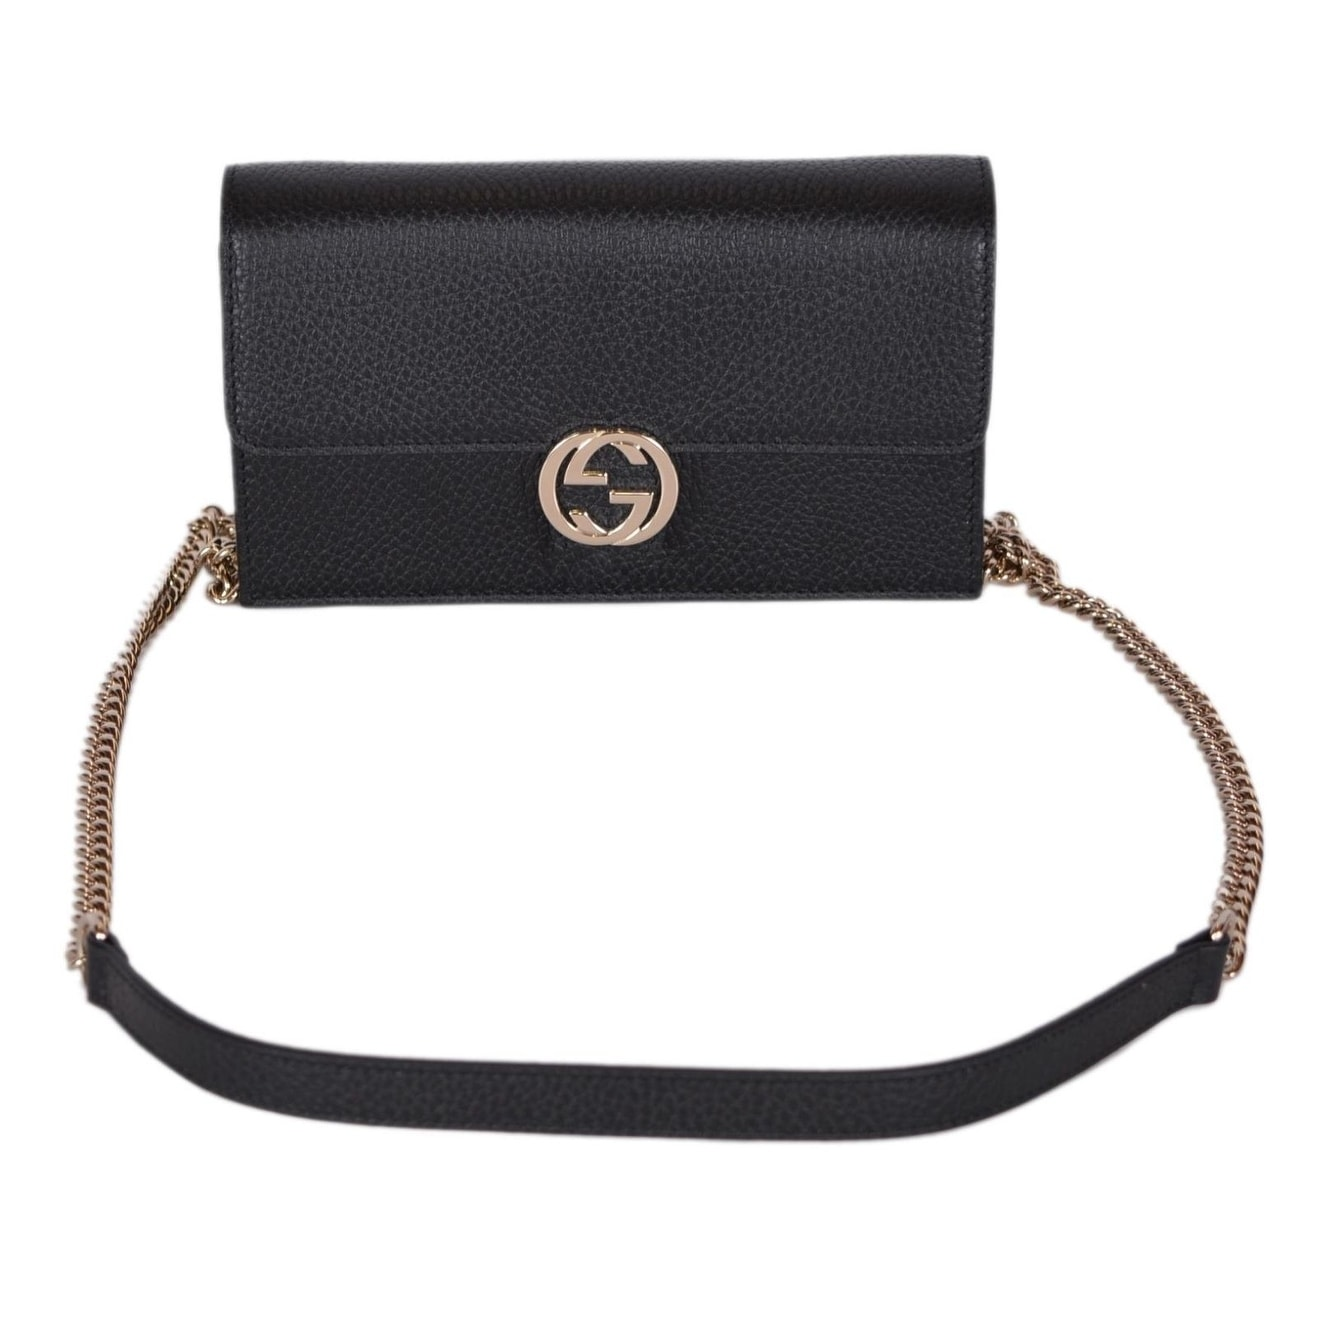 9f0bf48ddcb0 Shop Gucci 510314 Black Leather Interlocking GG Crossbody Wallet Bag Purse  Clutch - 7.5